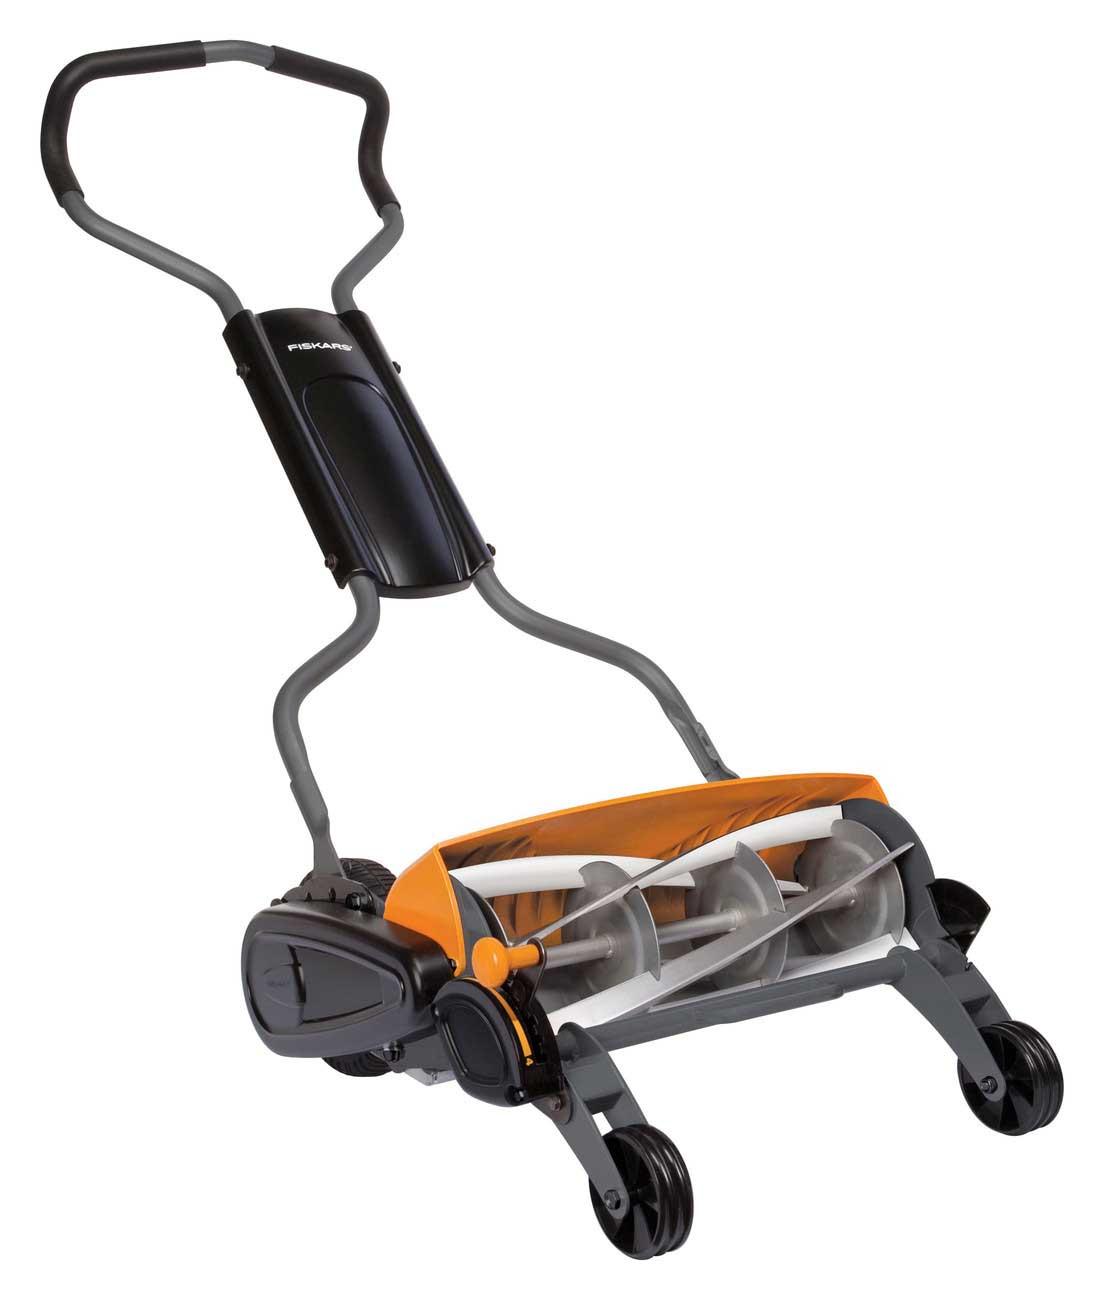 Fiskars 113880 momentum reel mower diy tools for Outillage de jardin fiskars